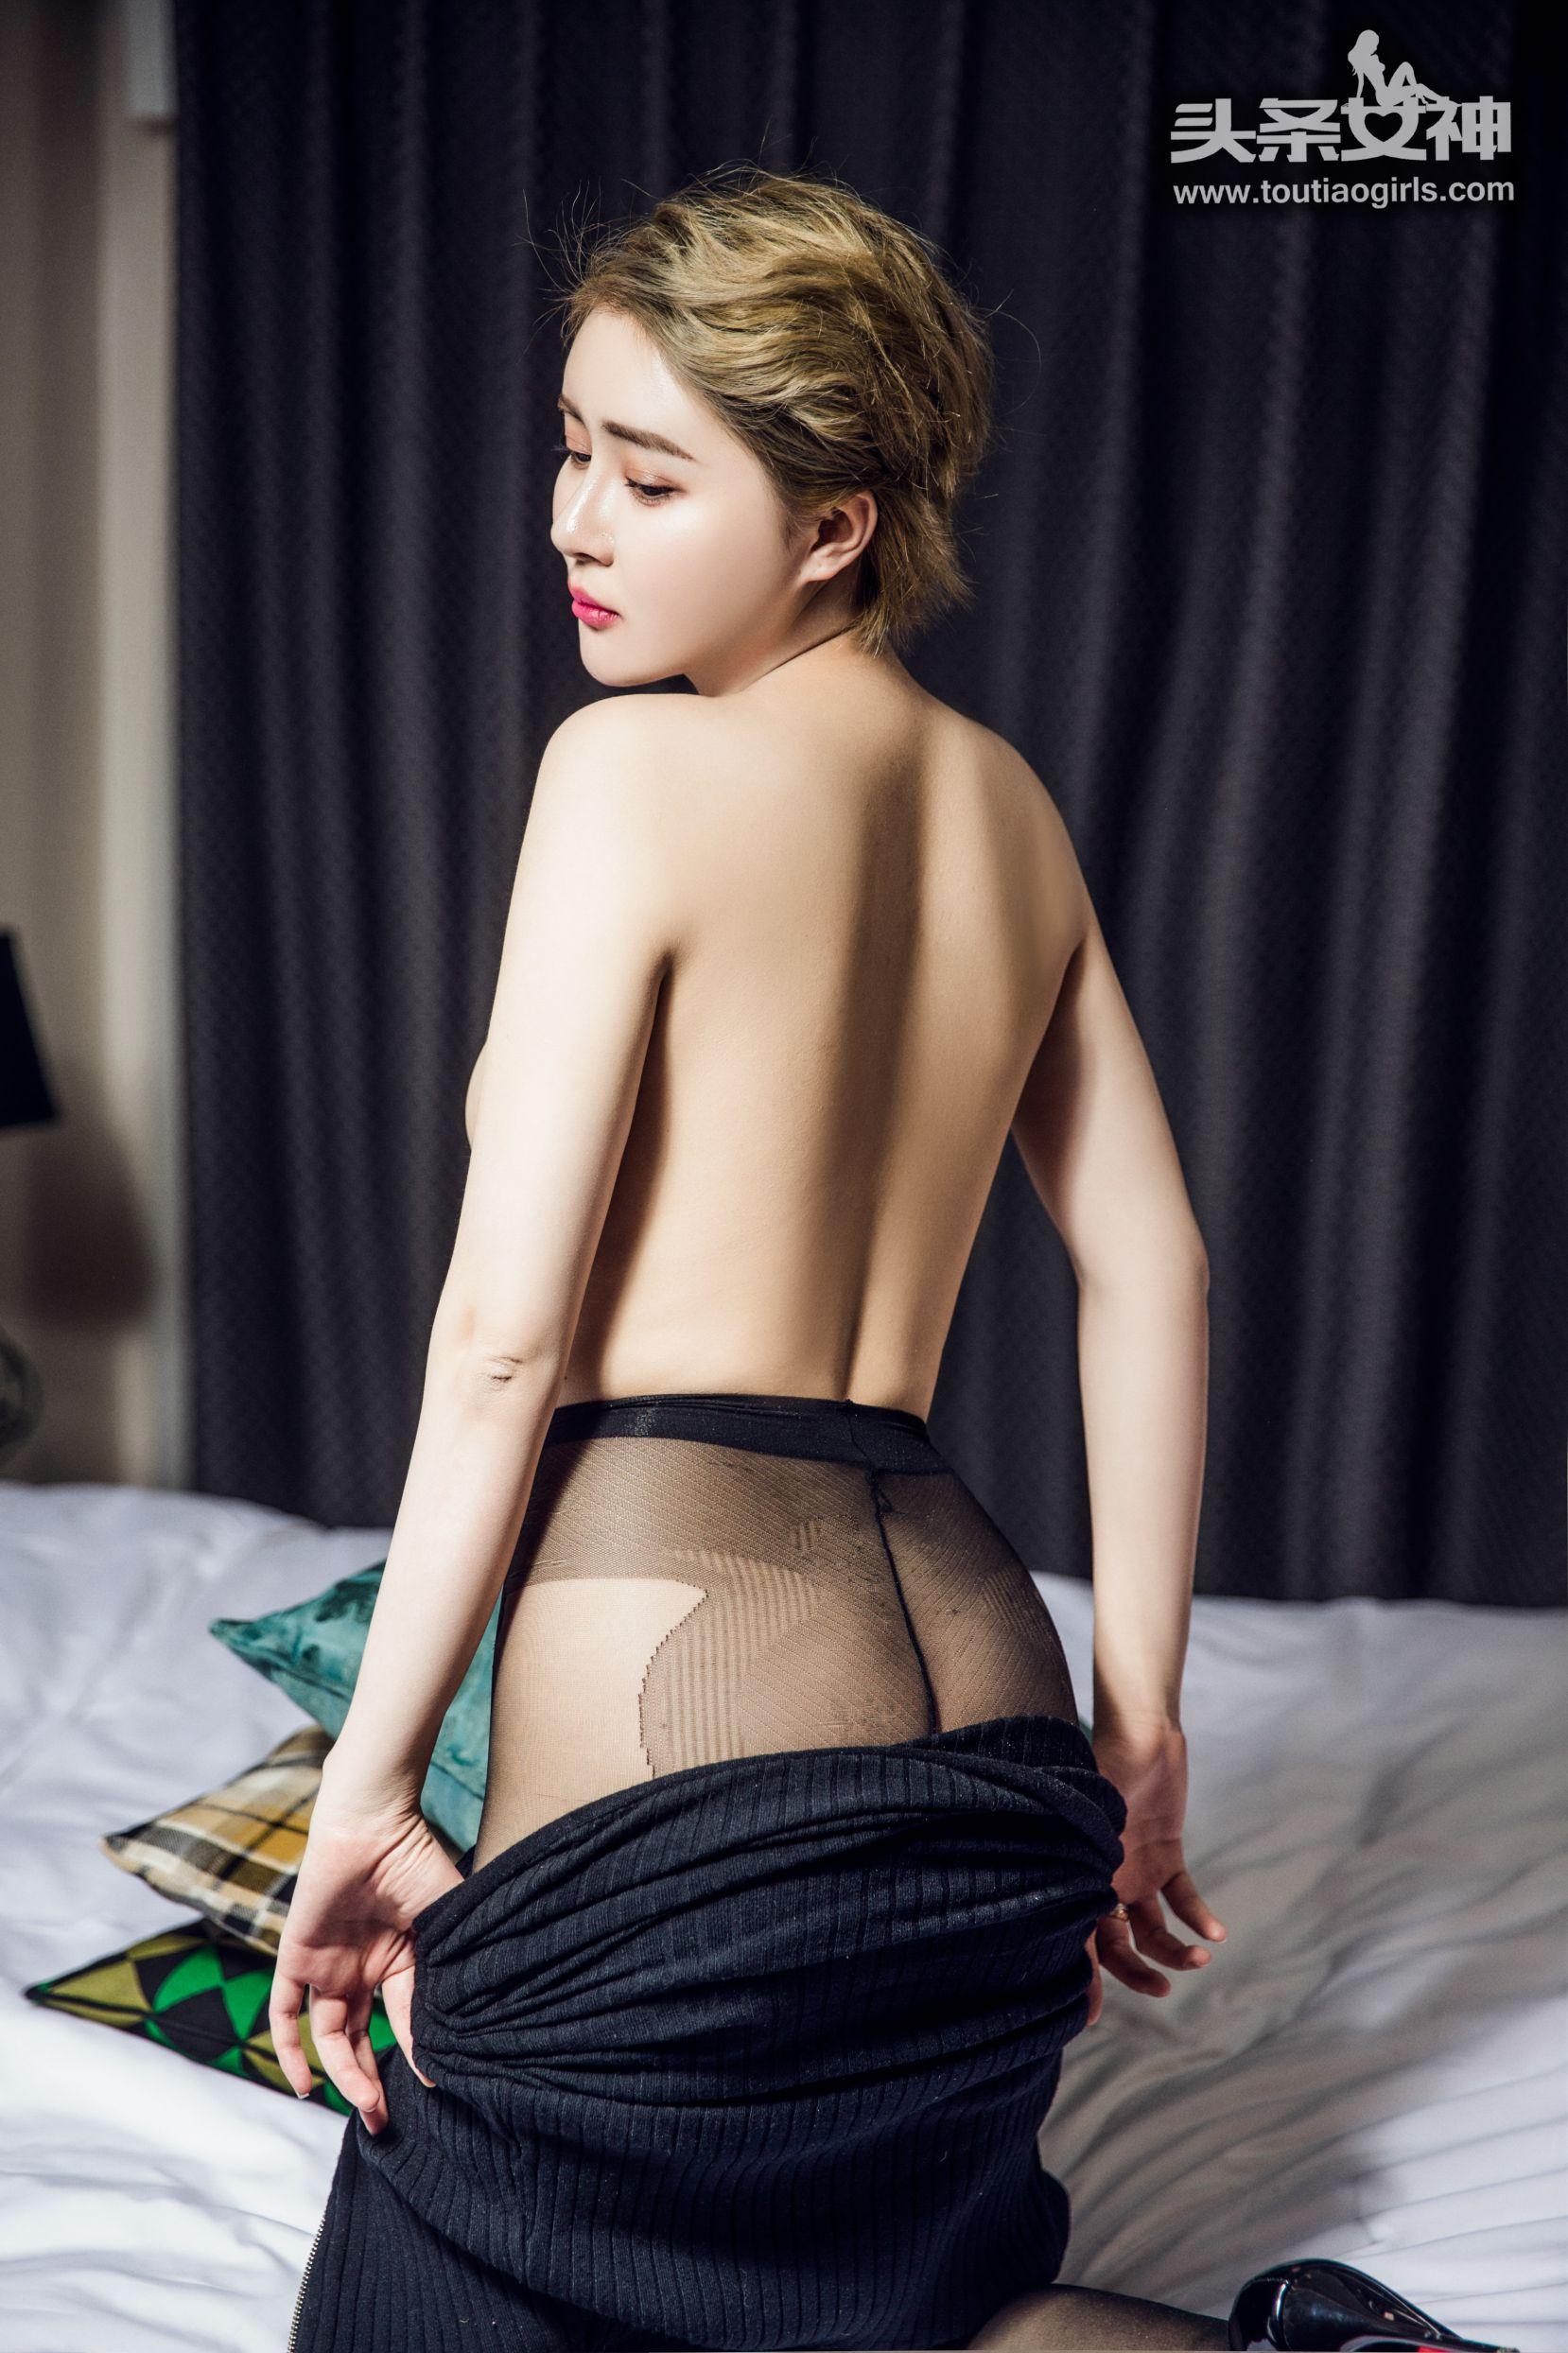 凯竹 - 风情黑丝